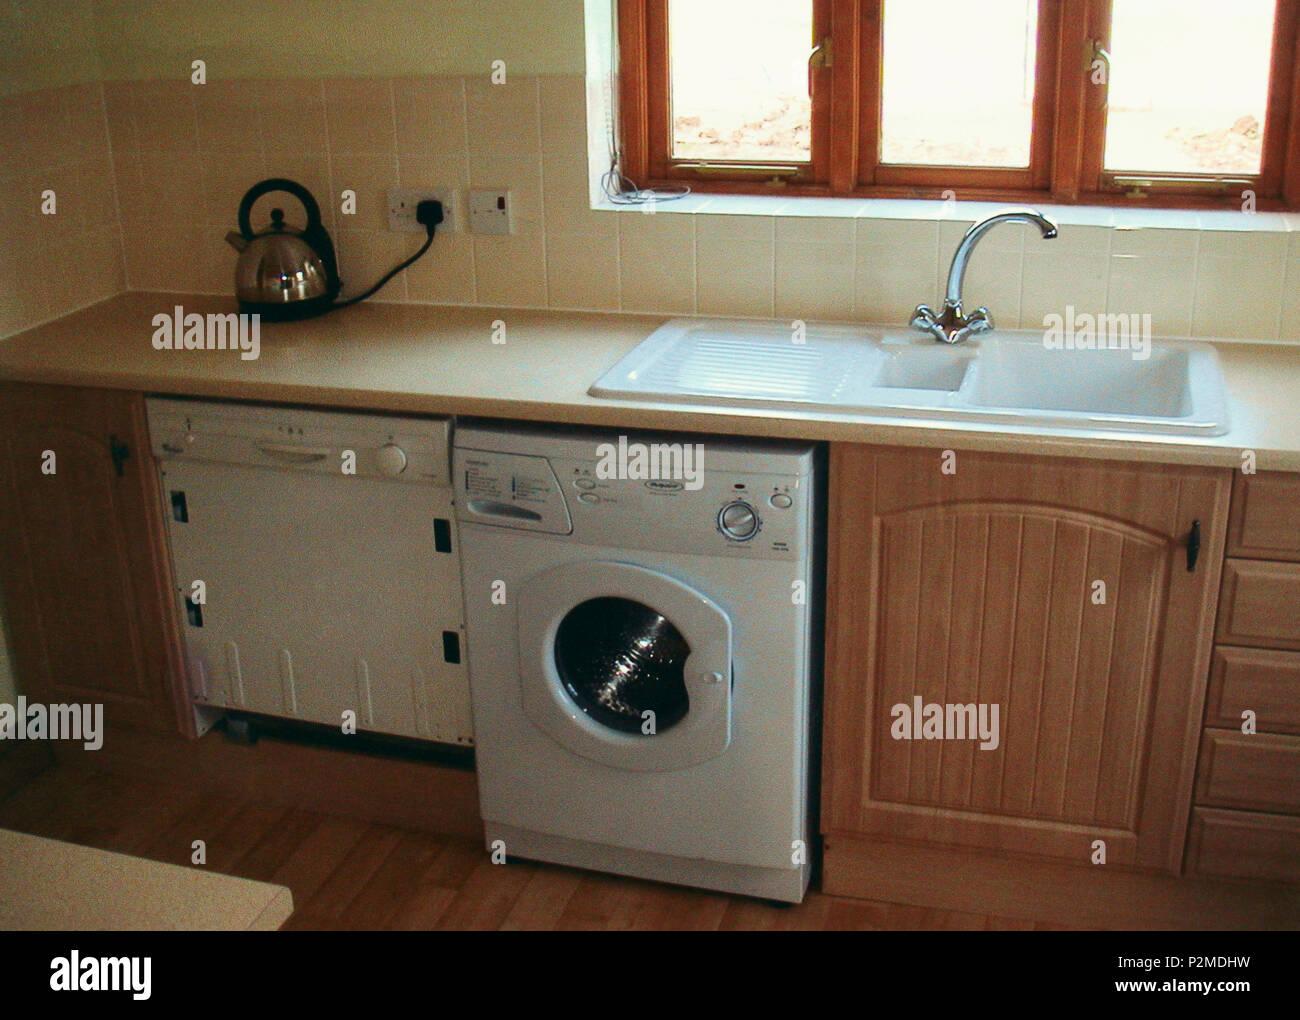 Küche mit Waschmaschine und Geschirrspüler unten Weiss ...